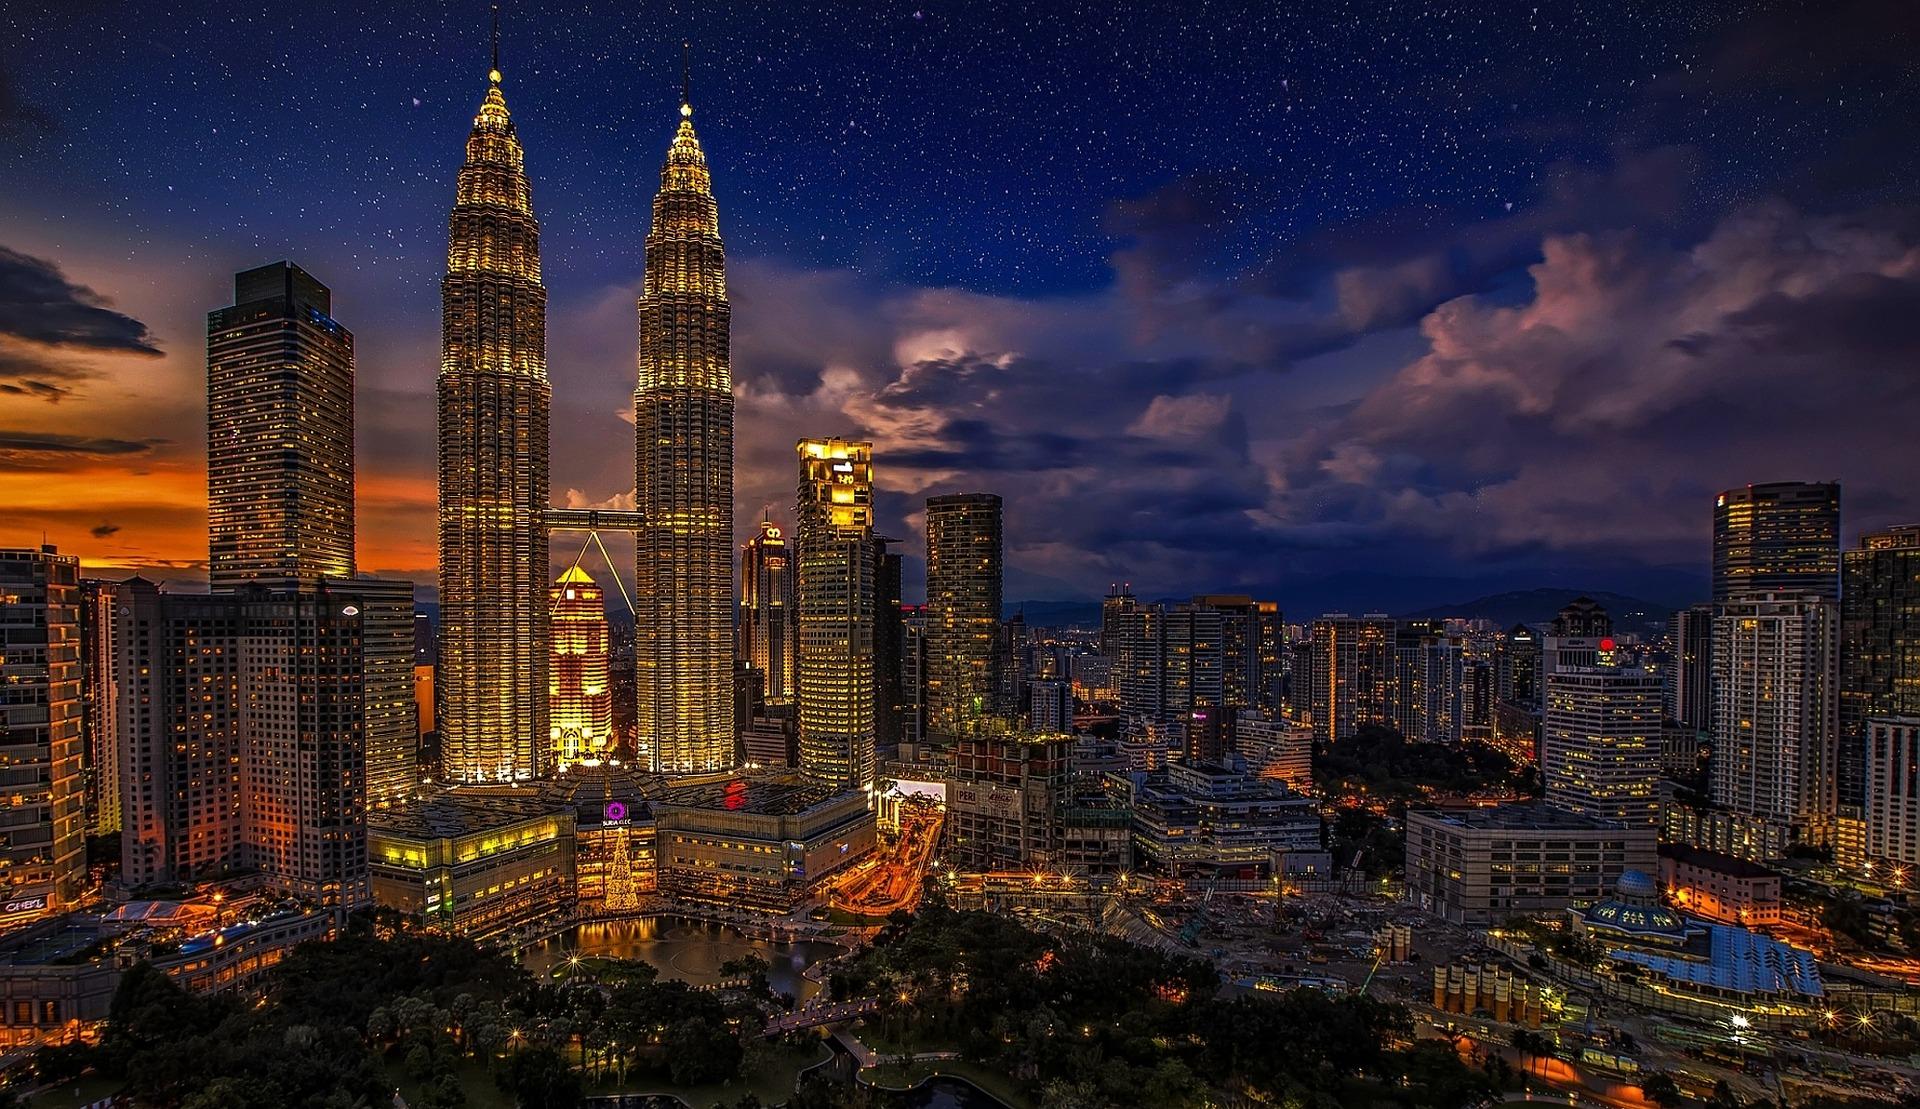 ماليزيا السياحية : تعرف على أهم المدن و المعالم في المملكة الماليزية هنا